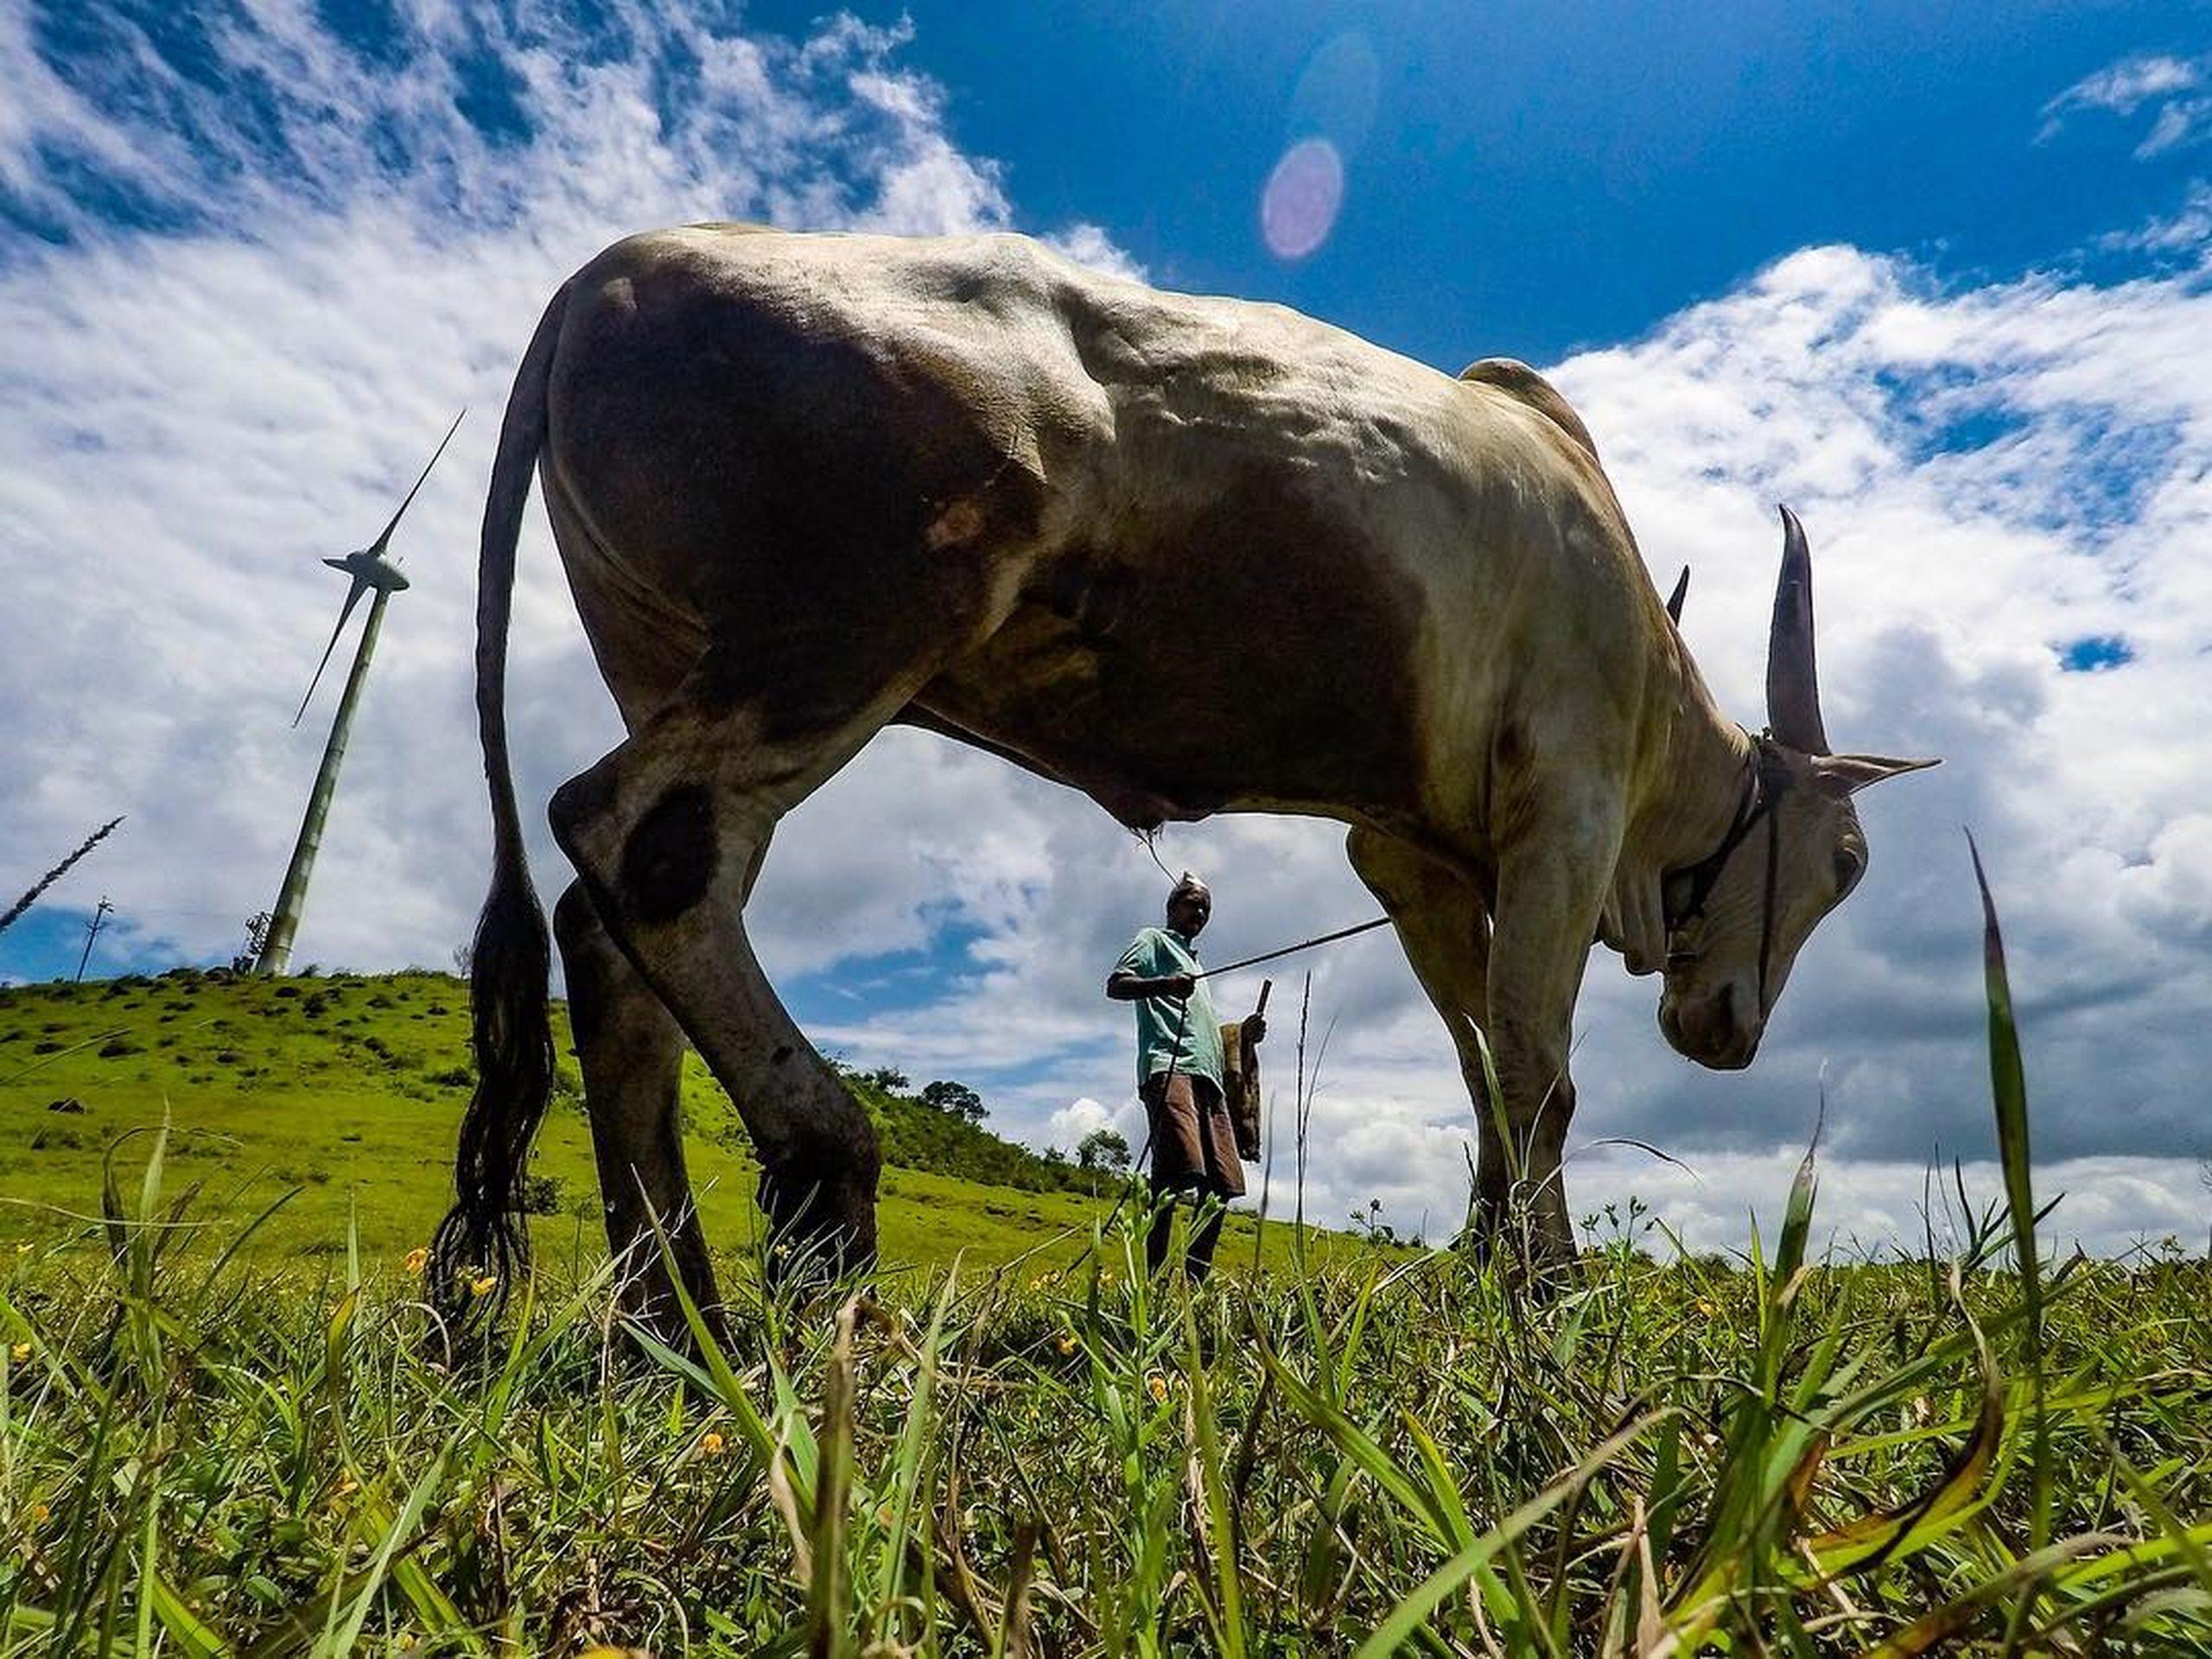 Ox working in field